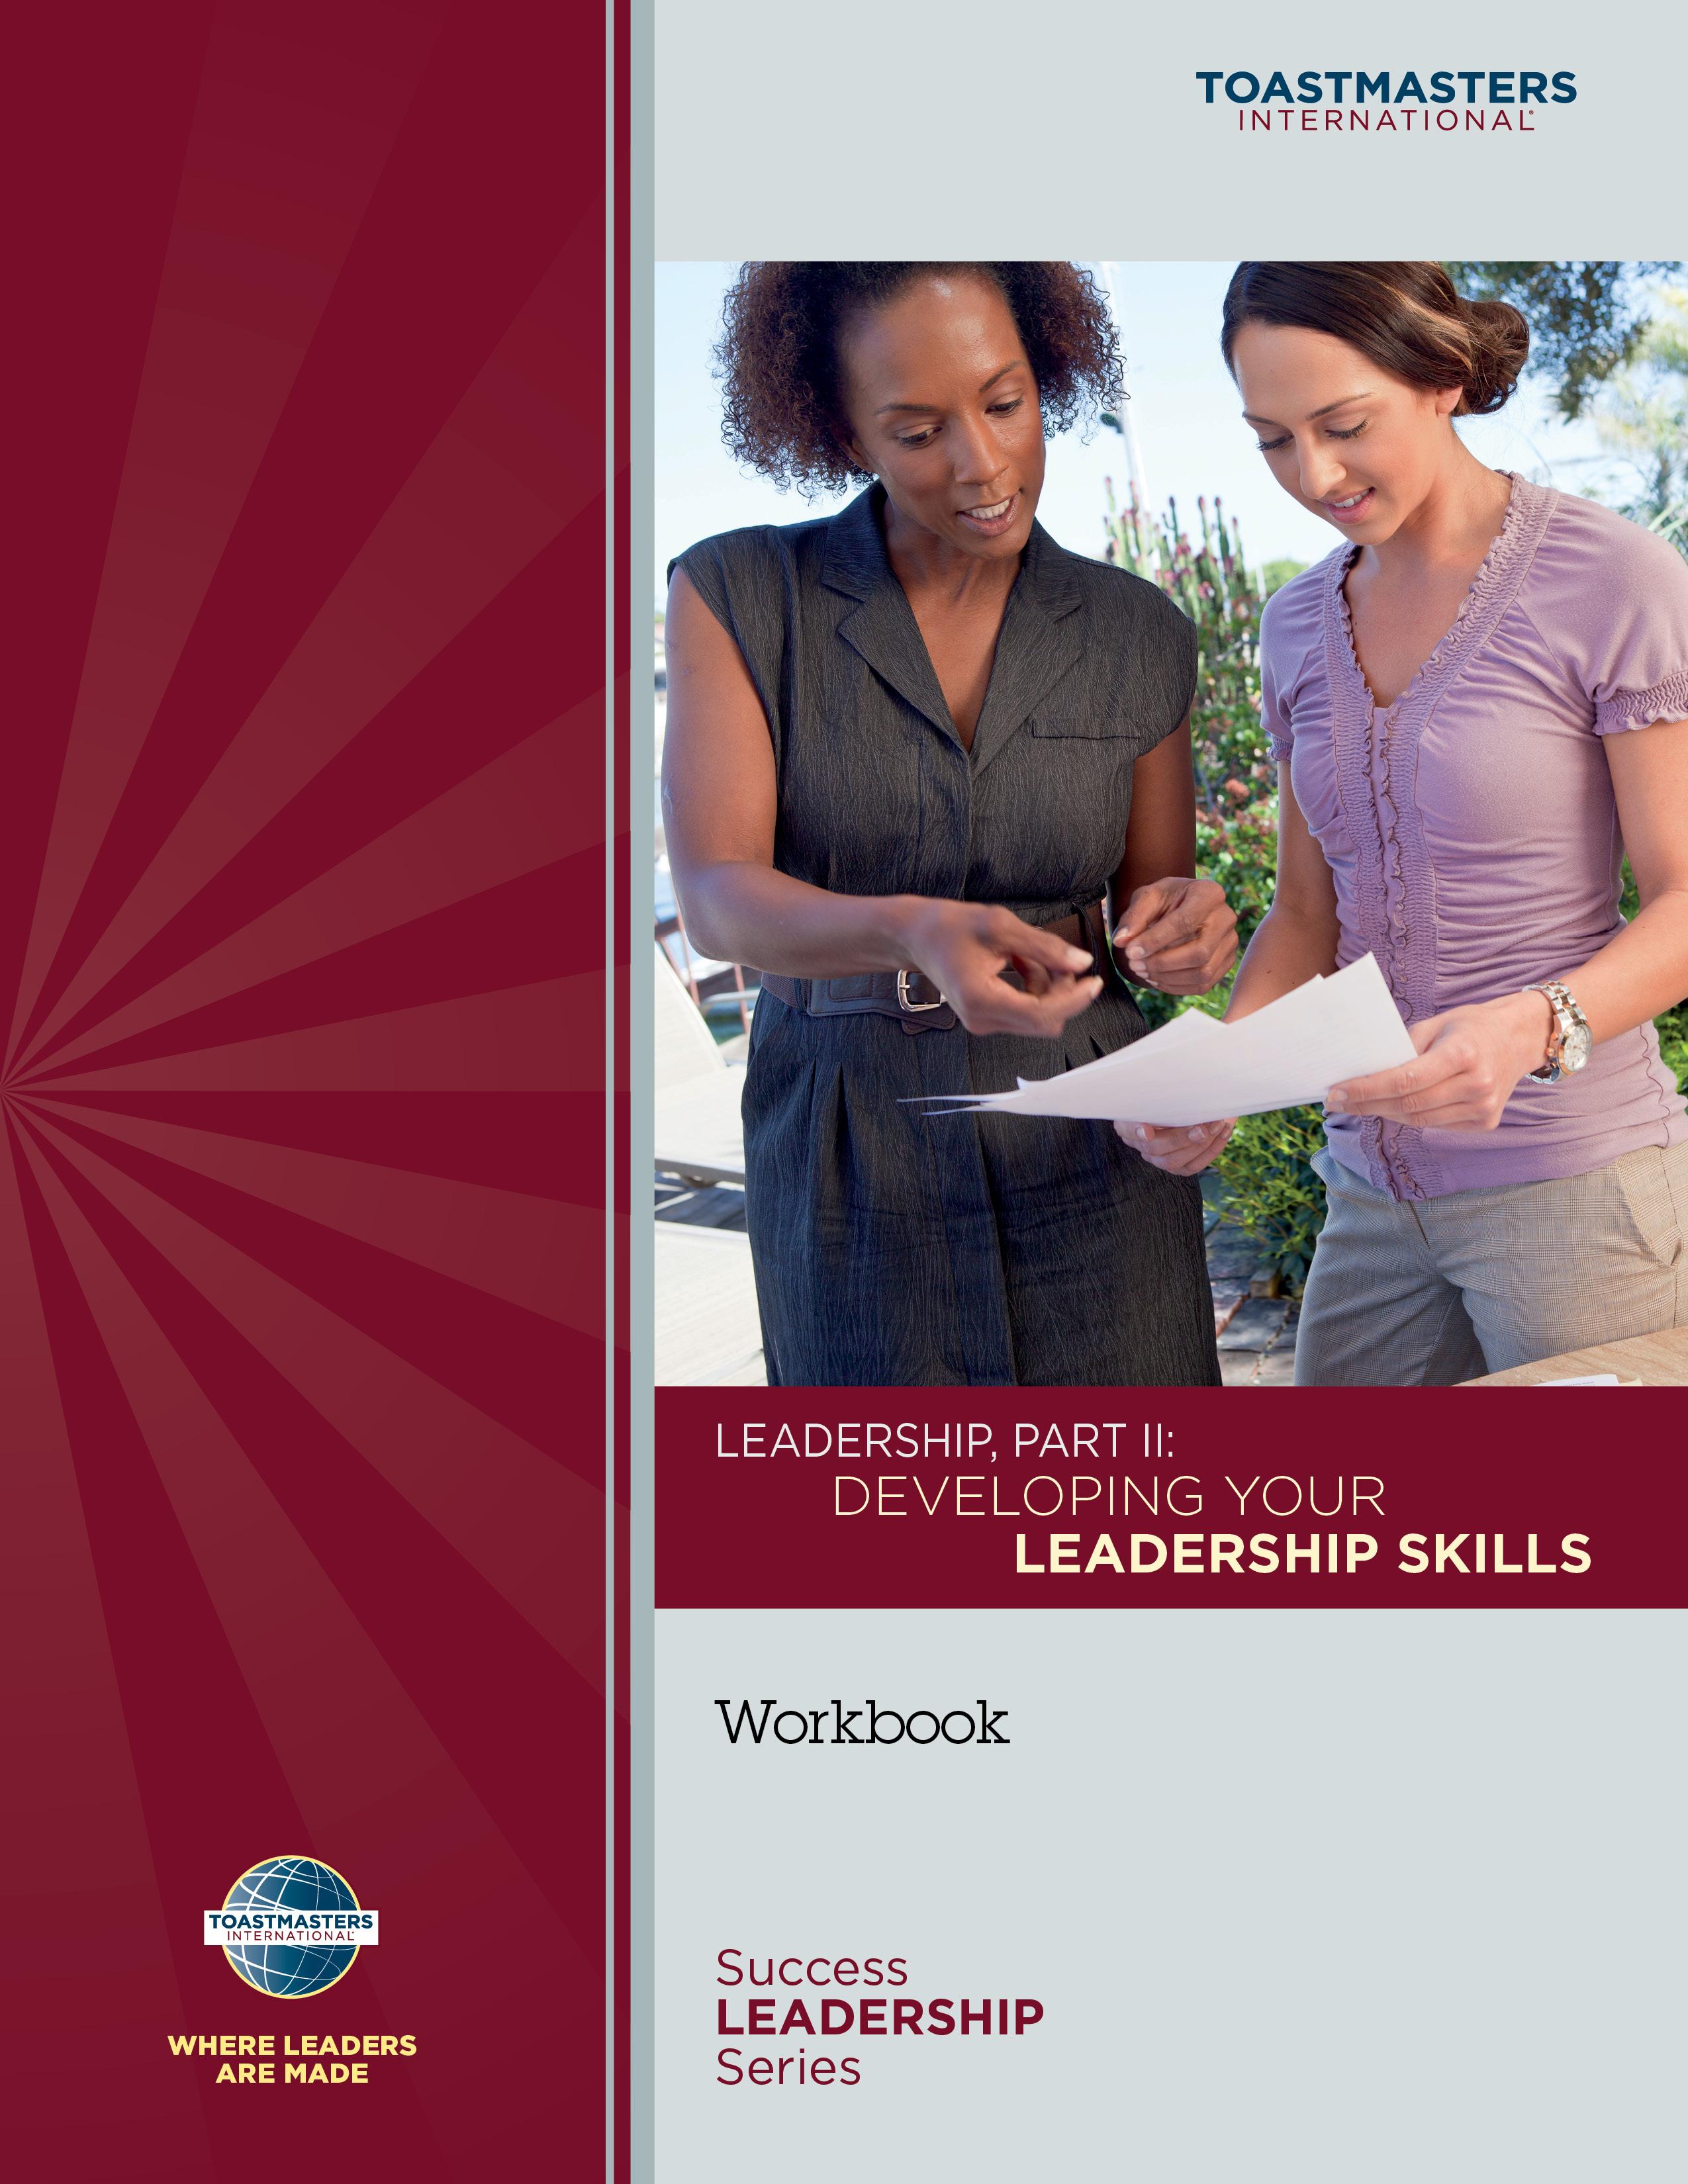 Leadership, Part II: Developing Your Leadership Skills Workbook